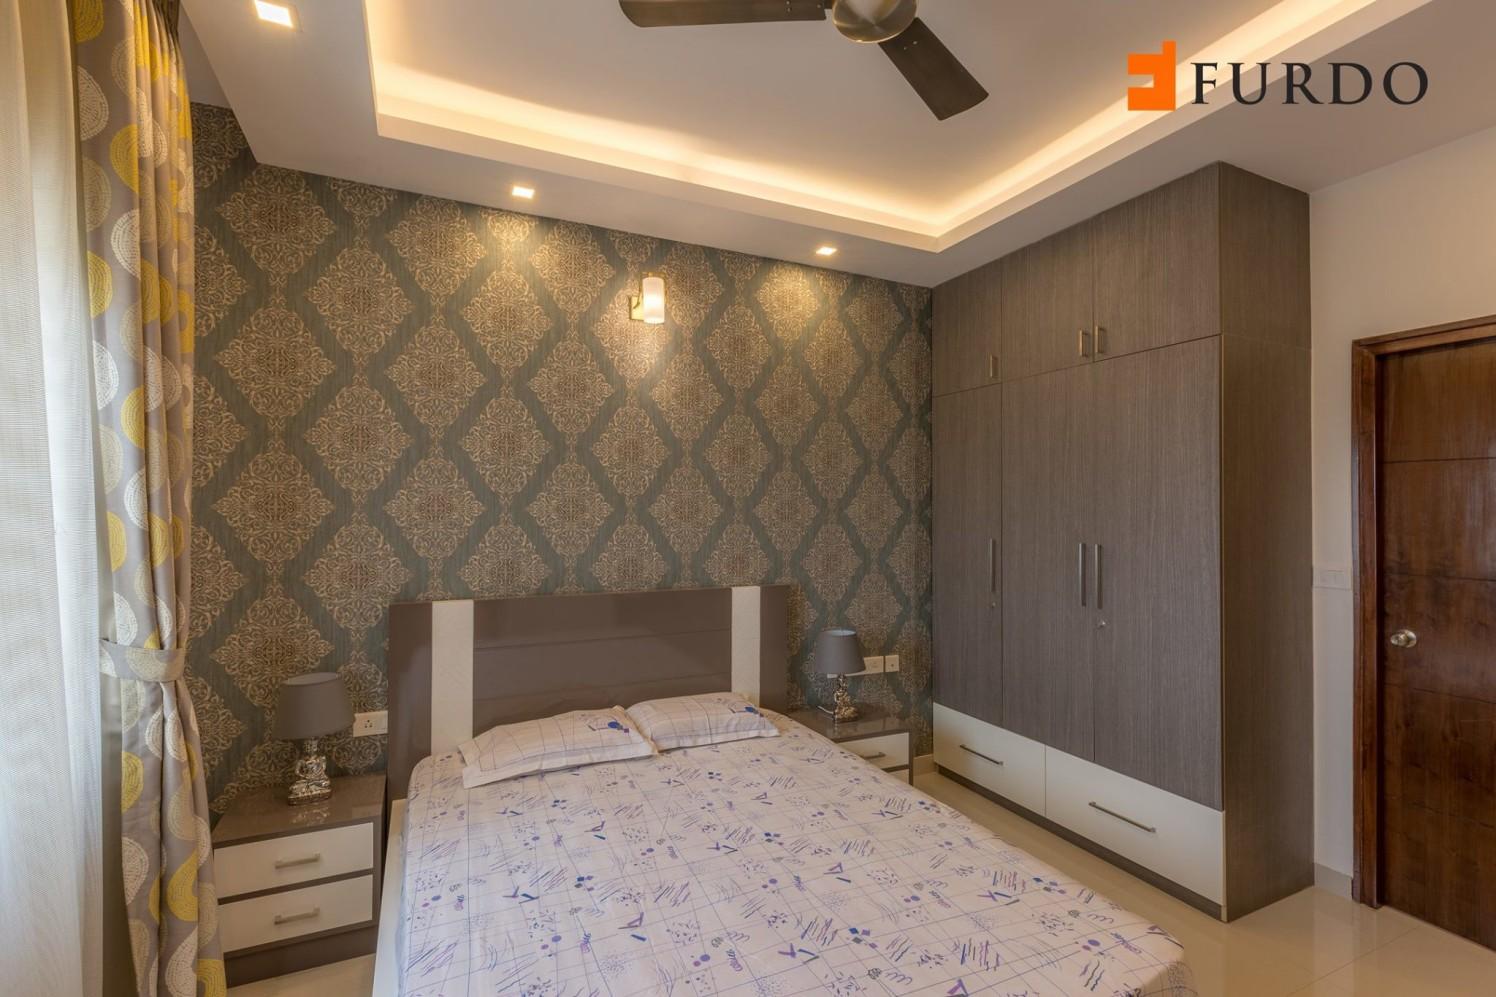 Guest Bedroom With Wooden Wardrobe by Furdo.com Bedroom Modern | Interior Design Photos & Ideas